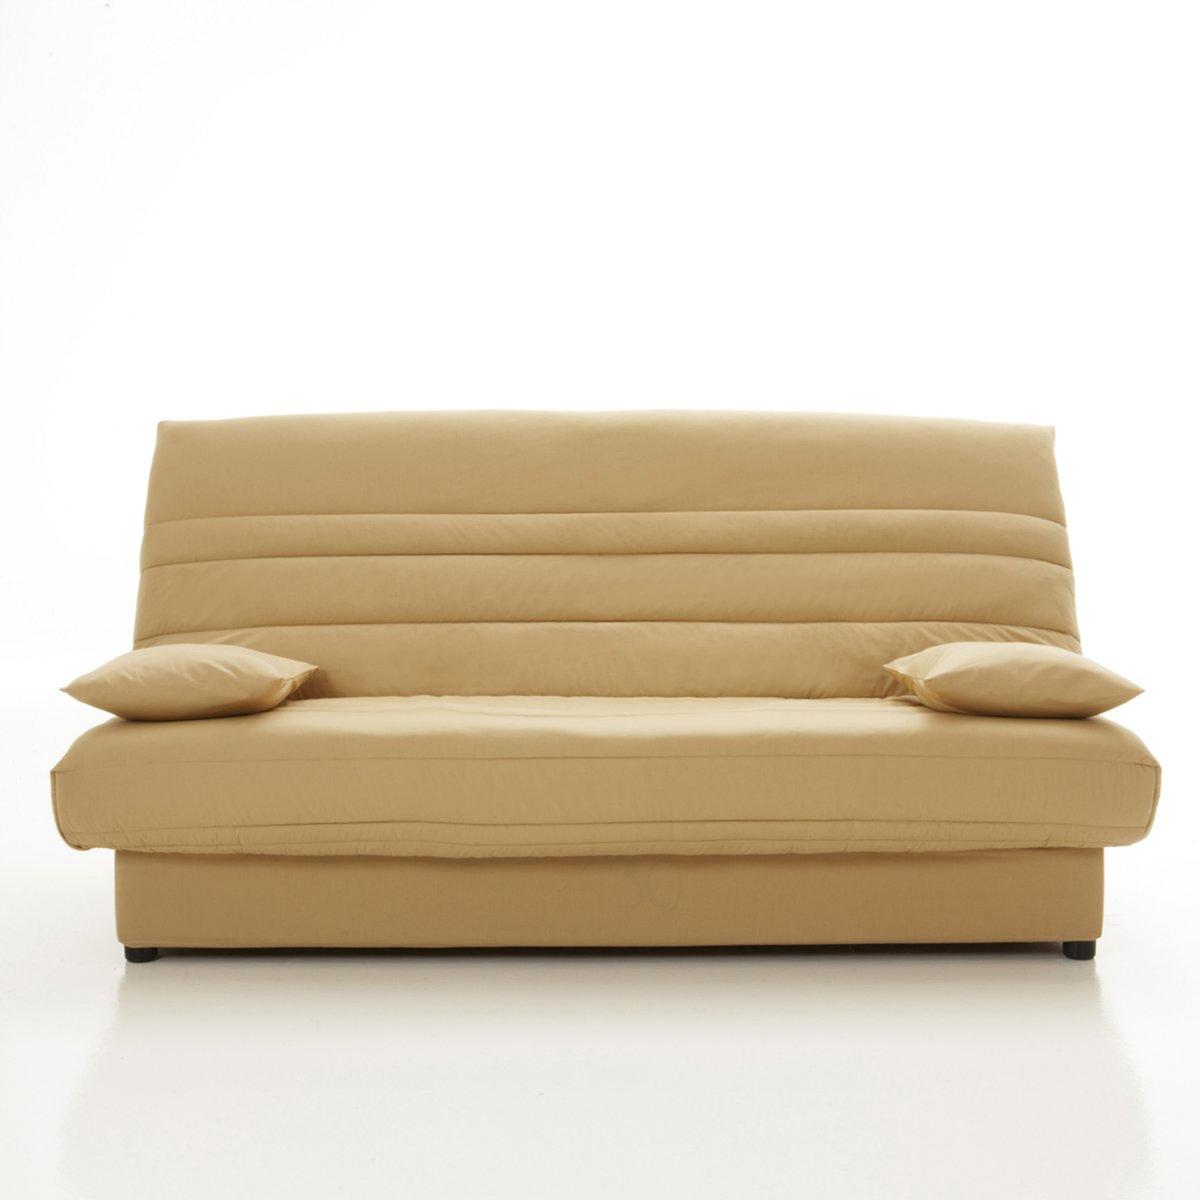 Чехол натяжной для дивана-книжки и складной тумбы, усовершенствованная модельЧехол для дивана-книжки, усовершенствованная модель : Для дивана-книжки и складной тумбы, позволит продлить срок службы вашей мебели  ! Сделано в Европе.Размеры чехла :3 варианта ширины :Ширина: 120 см.Ширина  130 смШирина 140 смОписание :- Стеганый чехол с наполнителем из полиэстера (250 г/м?)- На резинке.- Поставляется в комплекте с 2 чехлами на подушку-валик и лентой для складной тумбыОбивка :- Однотонная расцветка : 100% хлопок, пропитка от пятен (250 г/м?)- Расцветка с рисунком : 50% хлопка, 50% полиэстера- Меланжевая расцветка : 100% полиэстер- Предоставляем бесплатные образцы материала : Введите примеры дивана-книжки в поисковой системе на сайте laredoute.ru.Другие модели коллекции чехлов с защелками вы можете найти на сайте laredoute.ru<br><br>Цвет: антрацит,бежевый песочный,горчичный,красный,серо-коричневый каштан,сине-зеленый,синий морской,темно-серый меланж